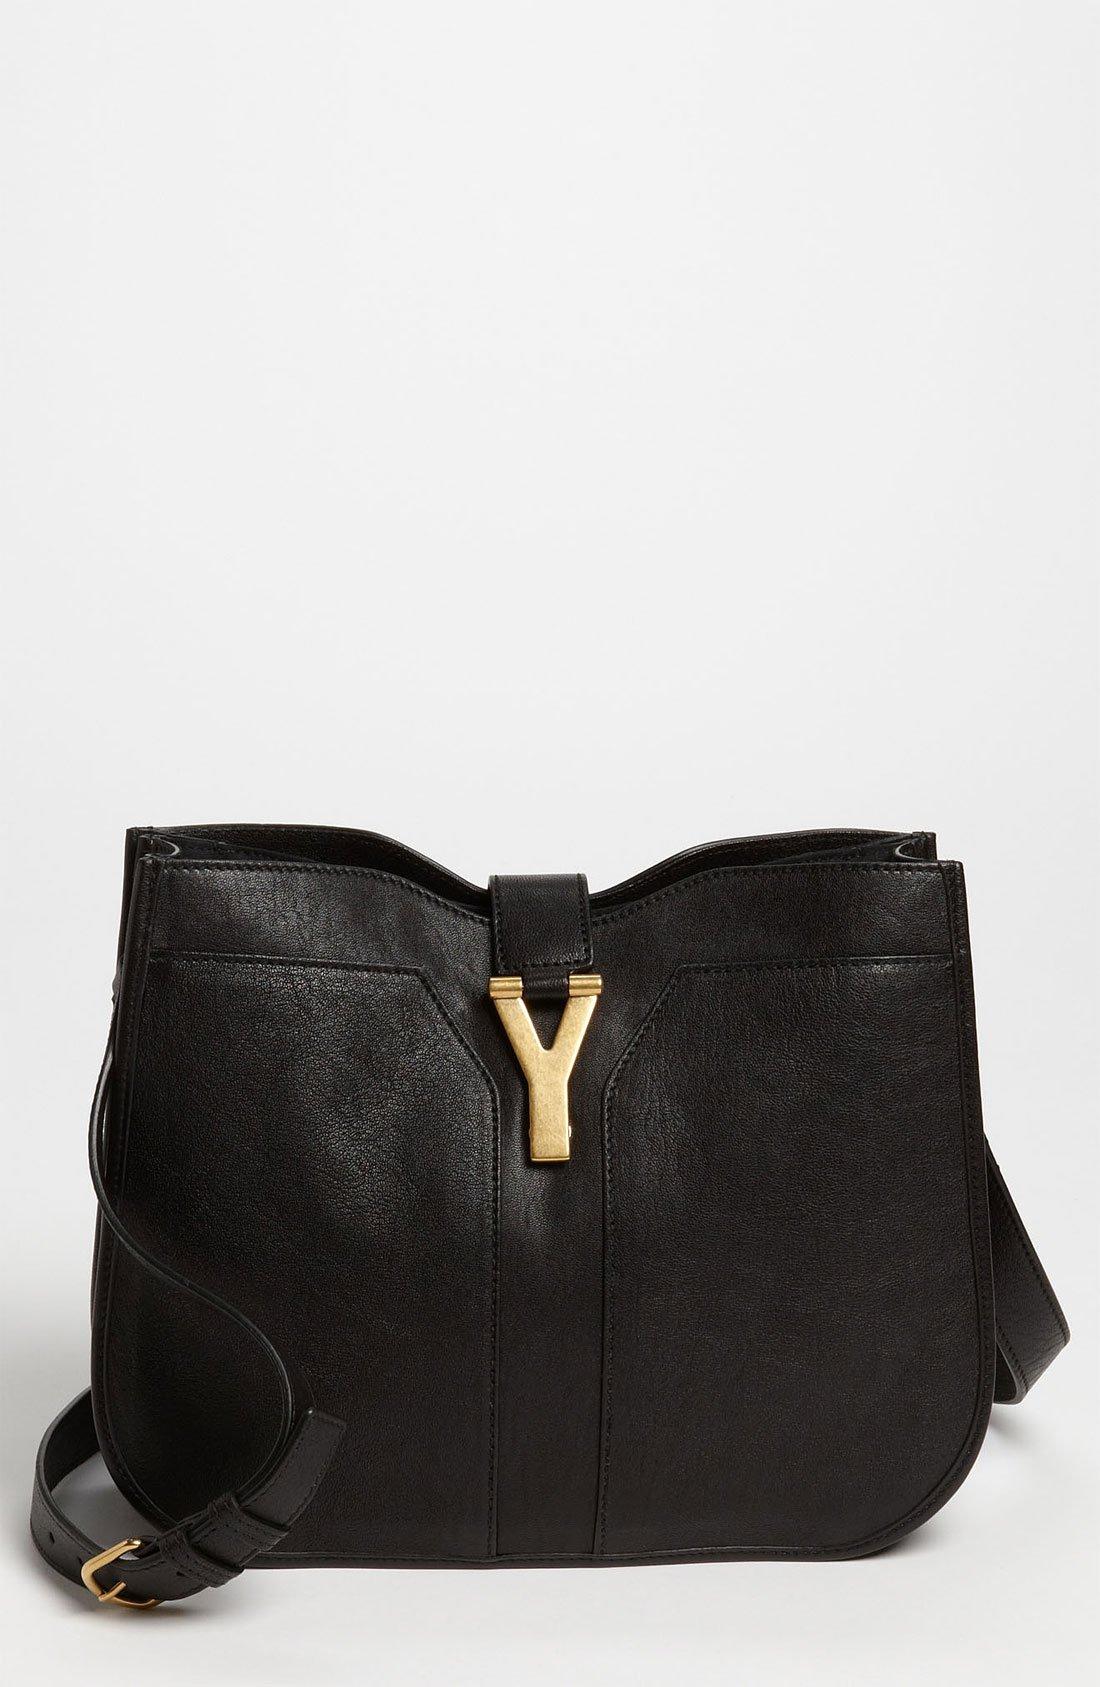 Ysl Medium Black Chyc Shoulder Bag \u2013 Shoulder Travel Bag